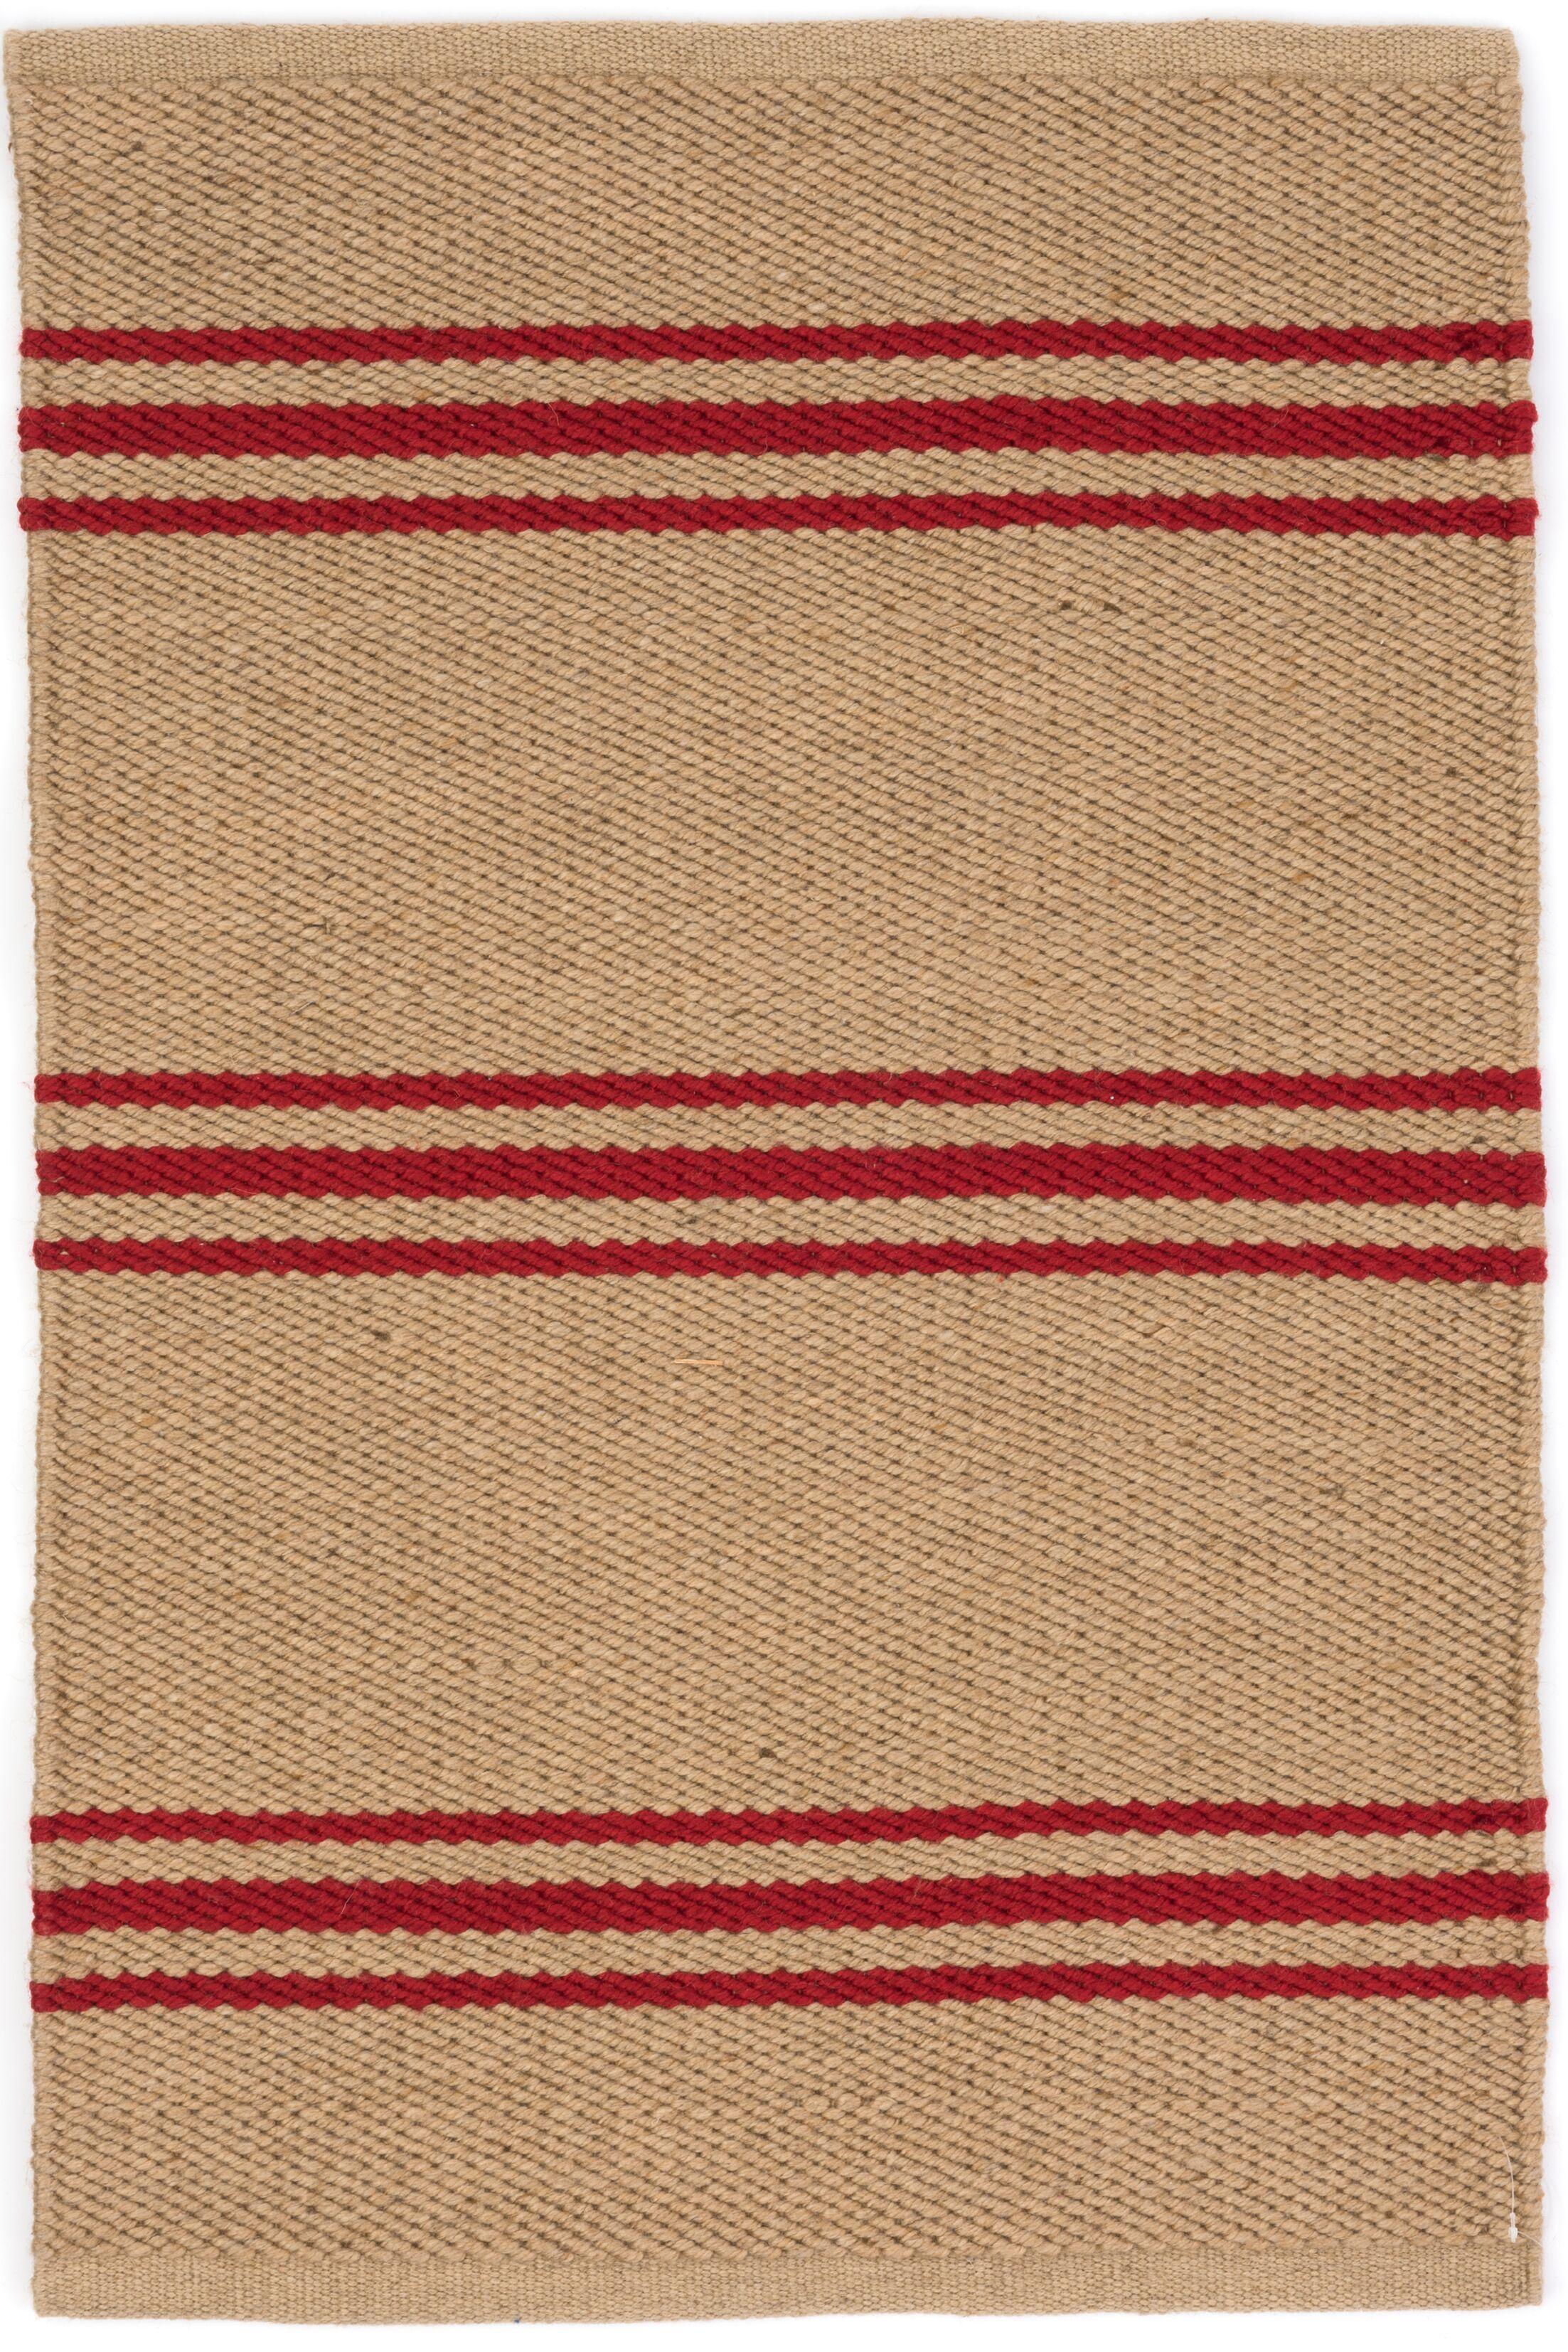 Lexington Hand Woven Red/Beige Indoor/Outdoor Area Rug Rug Size: Runner 2'6